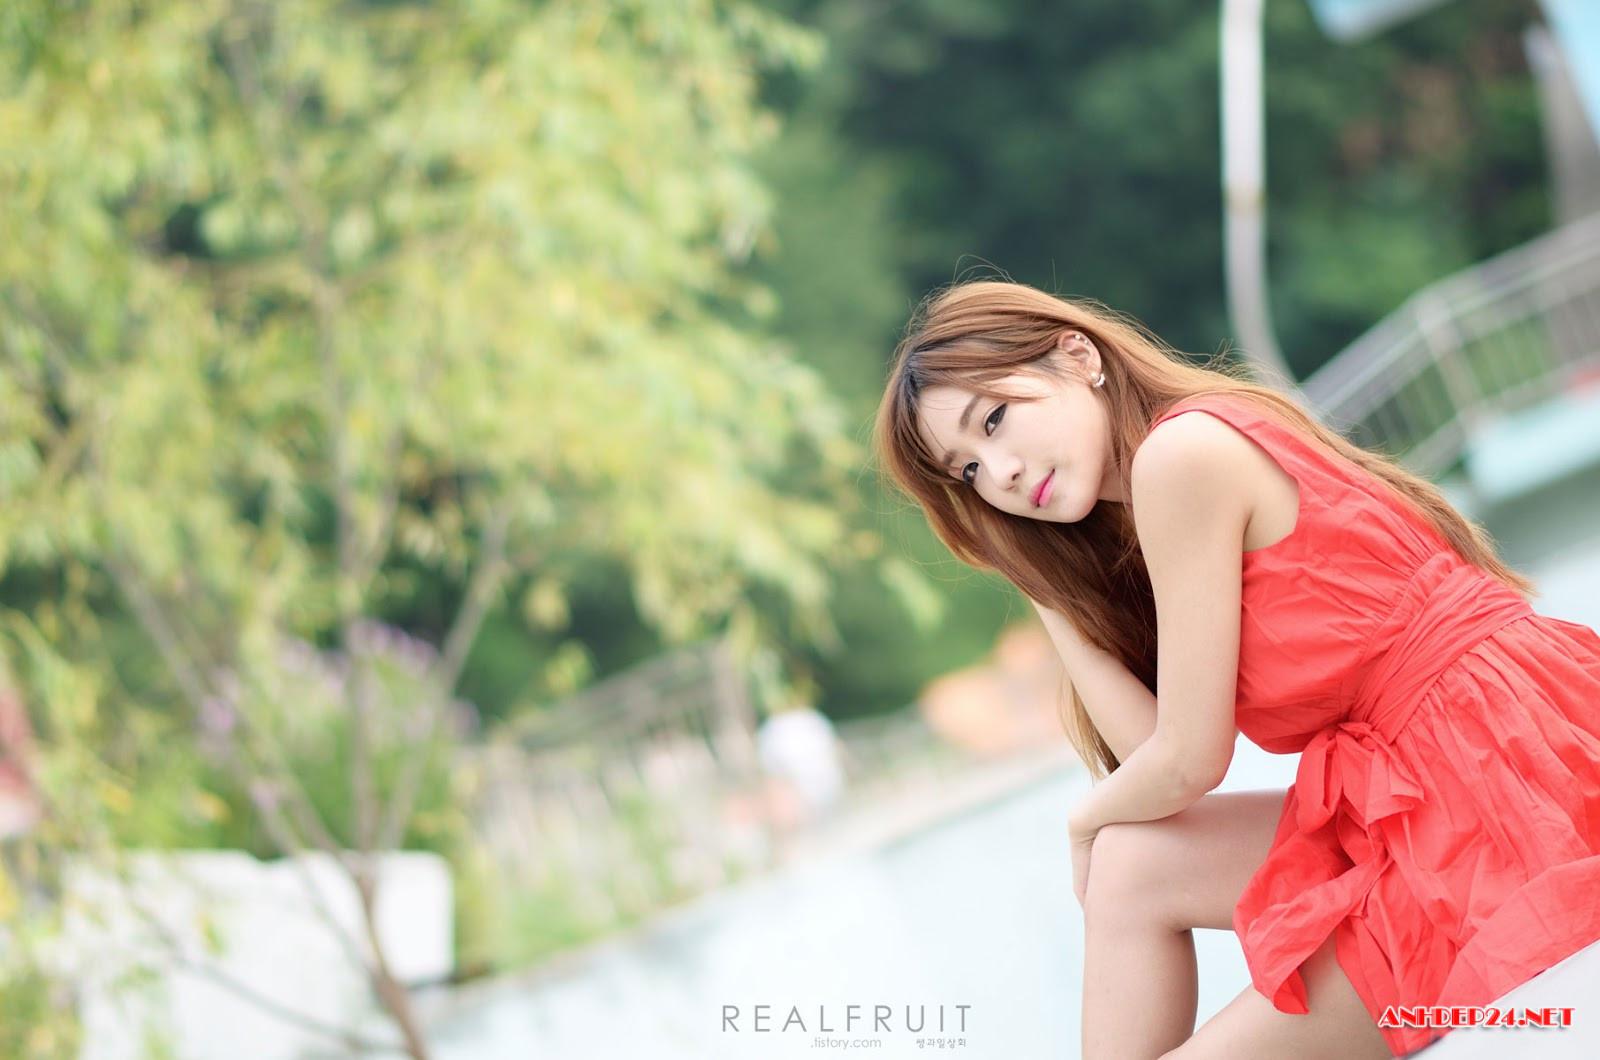 Chân dài Yoon Chae Won xinh đẹp quyến rũ hút mắt người nhìn - Hình 11